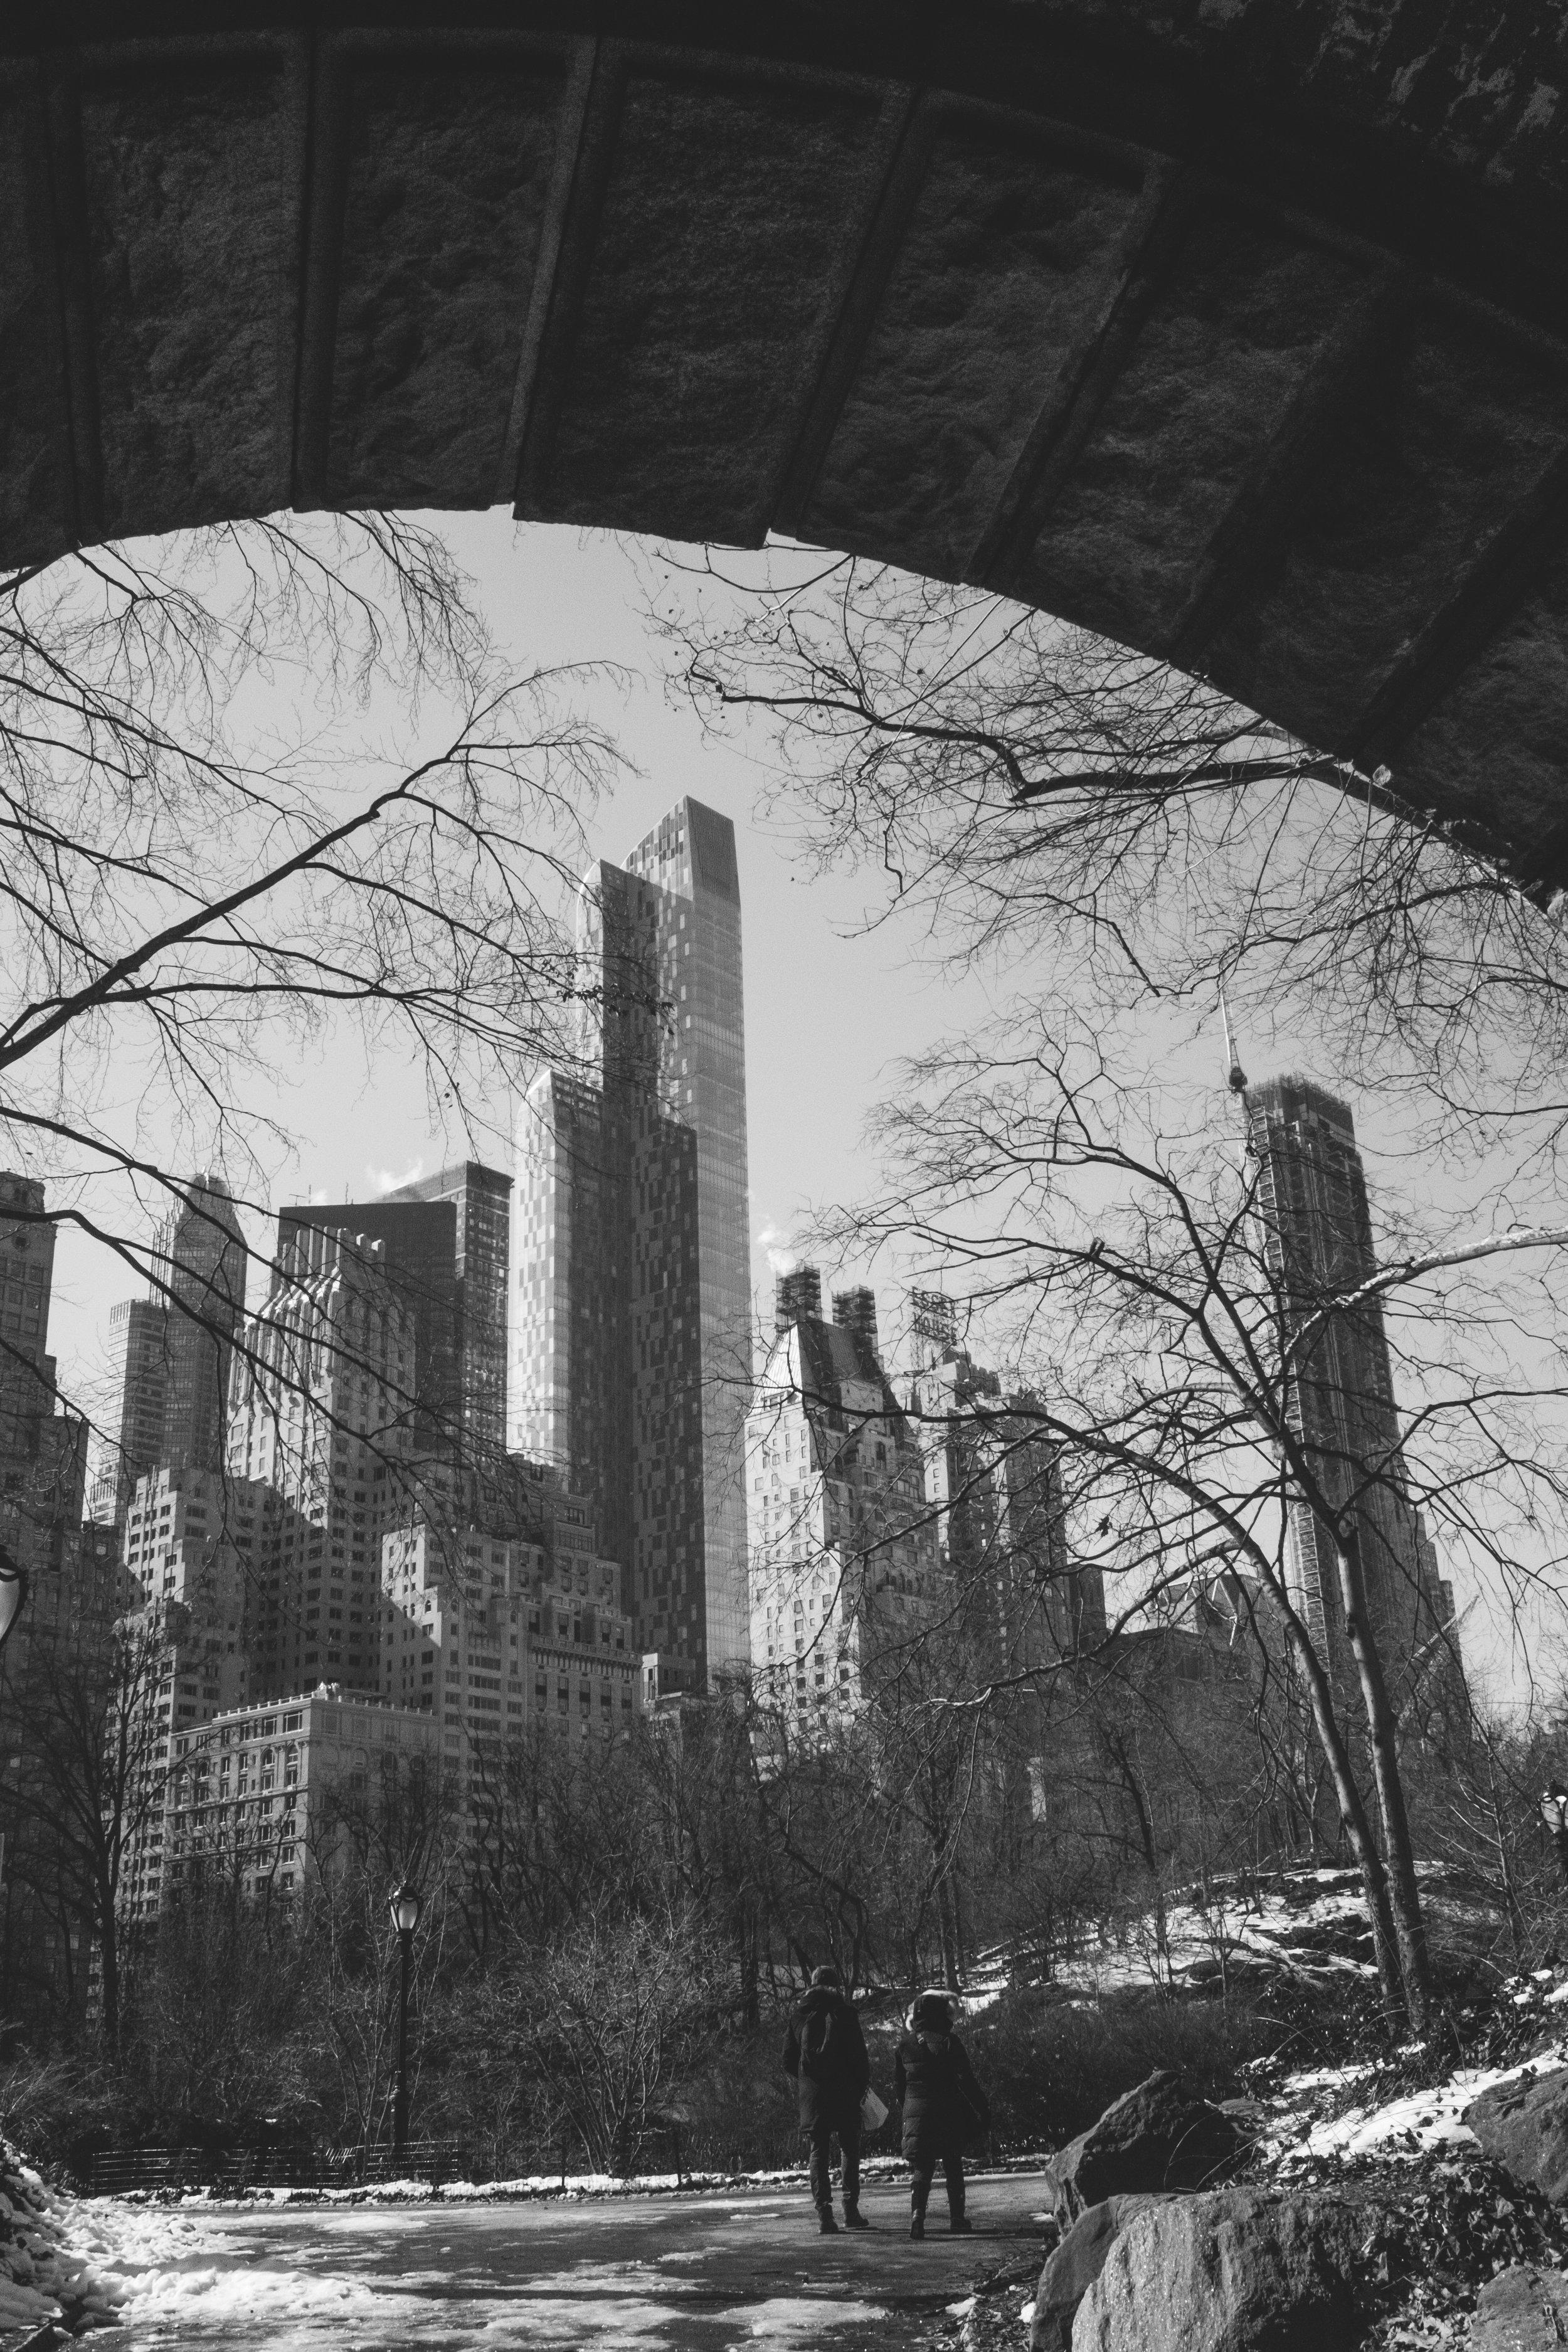 a Frozen Central Park